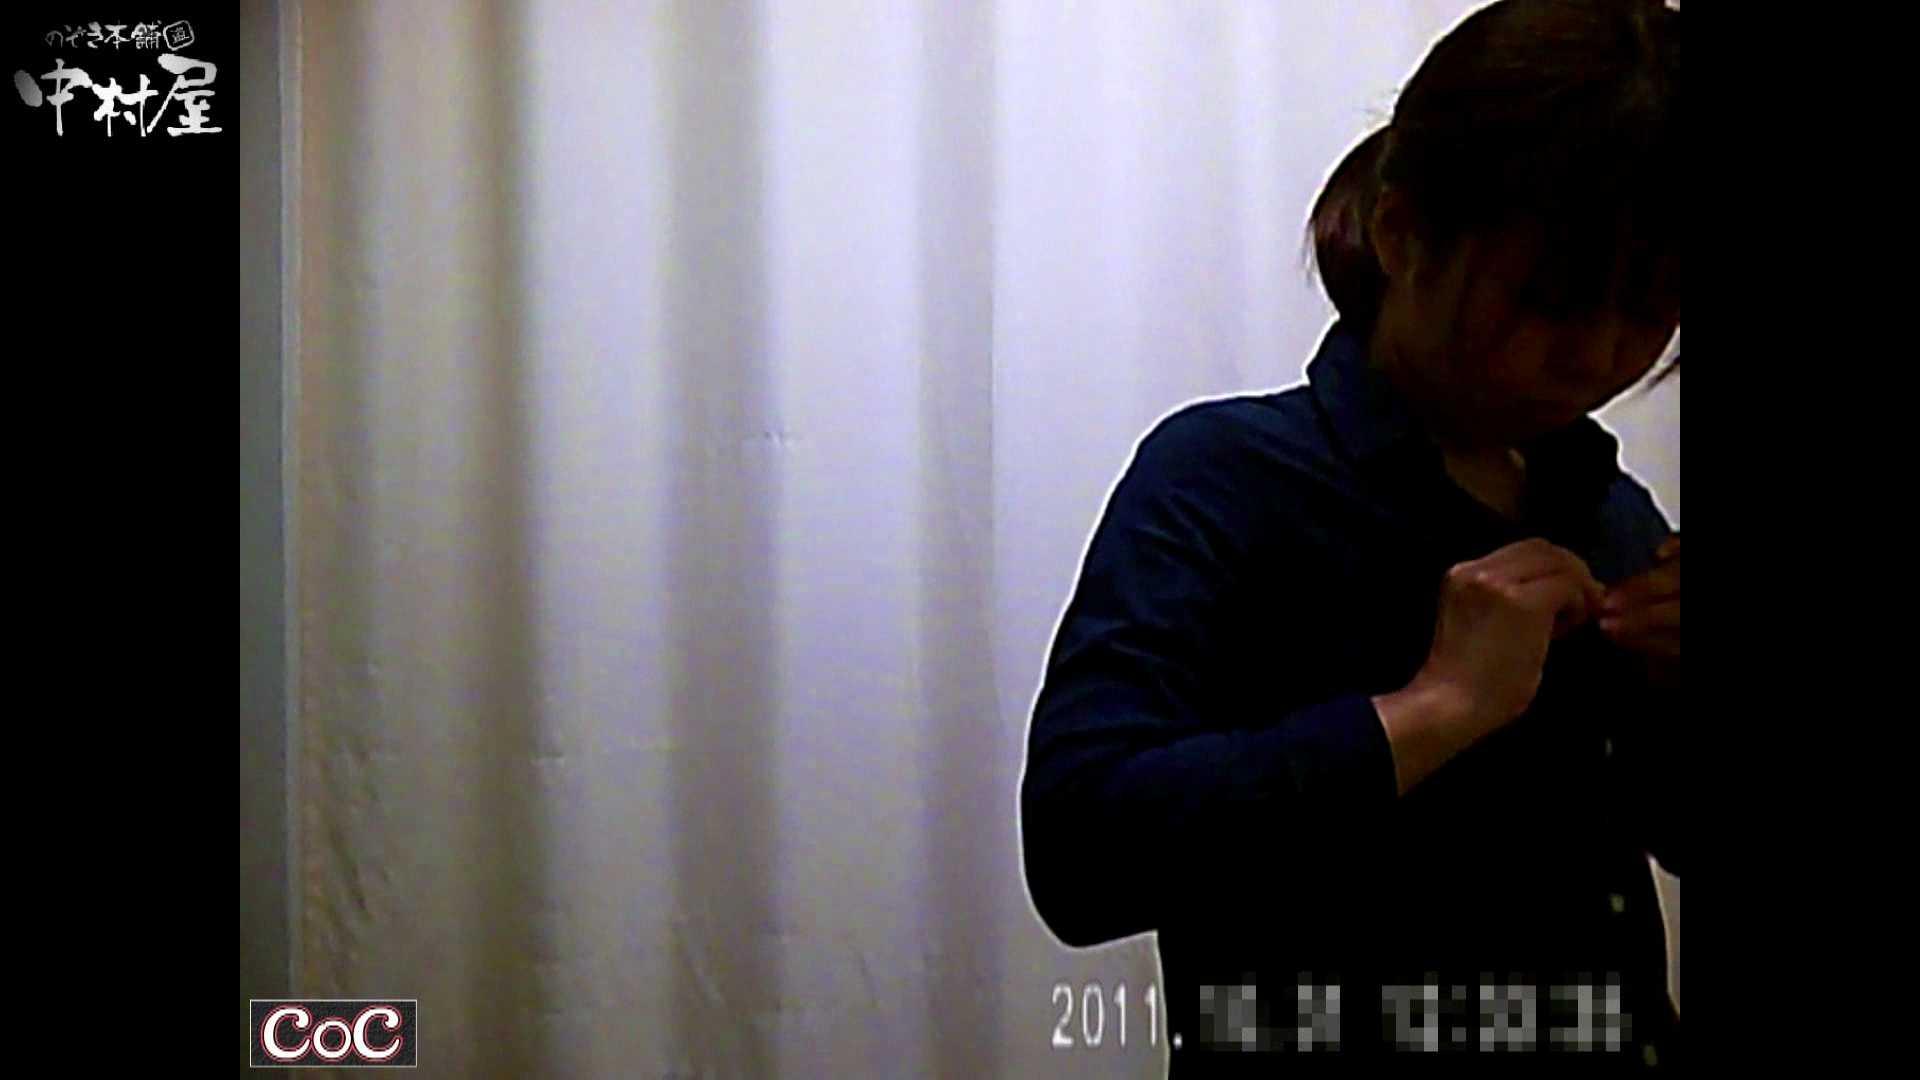 激ヤバ健康診断!着替えの一部始終.vol.77※本編ボカシ・目線無し ギャルのエロ動画 オマンコ動画キャプチャ 92PIX 87